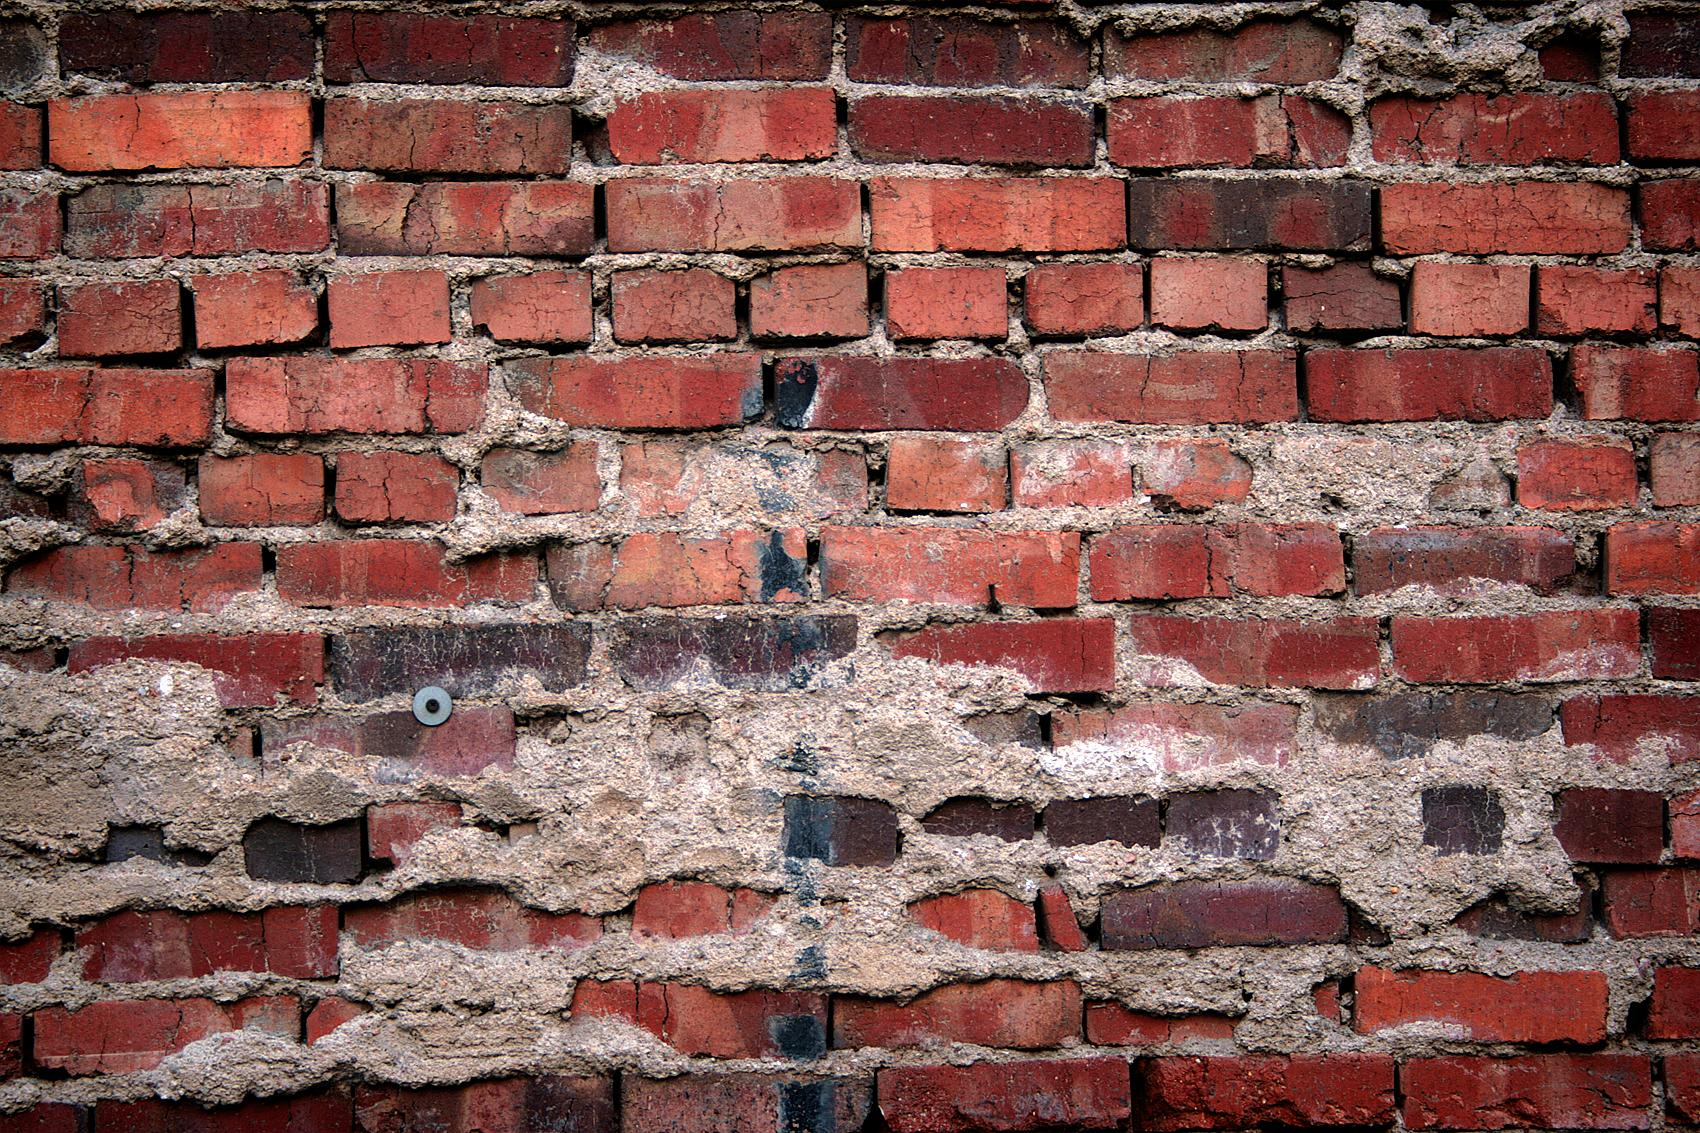 ВТвери наголову восьмилетней девочке скрыши упал кирпич